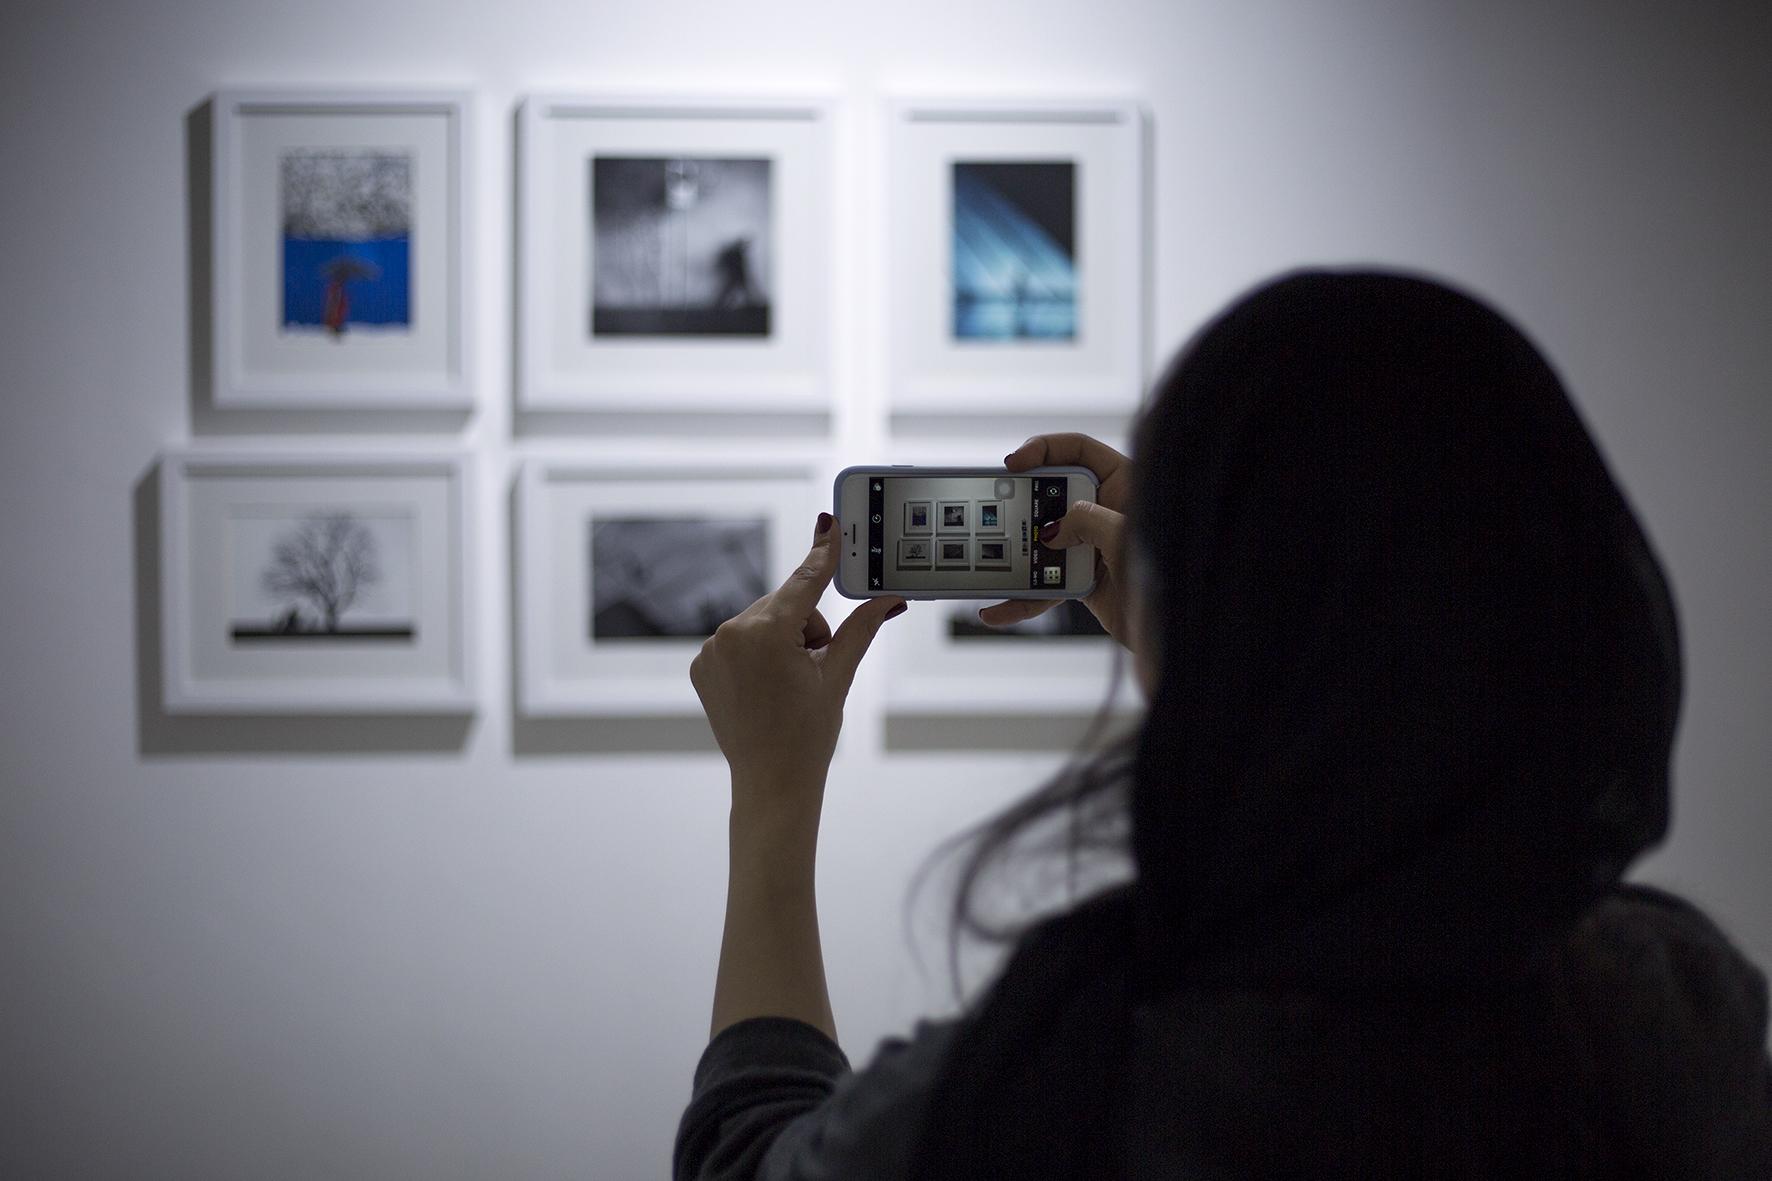 نمایشگاه عکاسی با موبایل «چشمانداز»